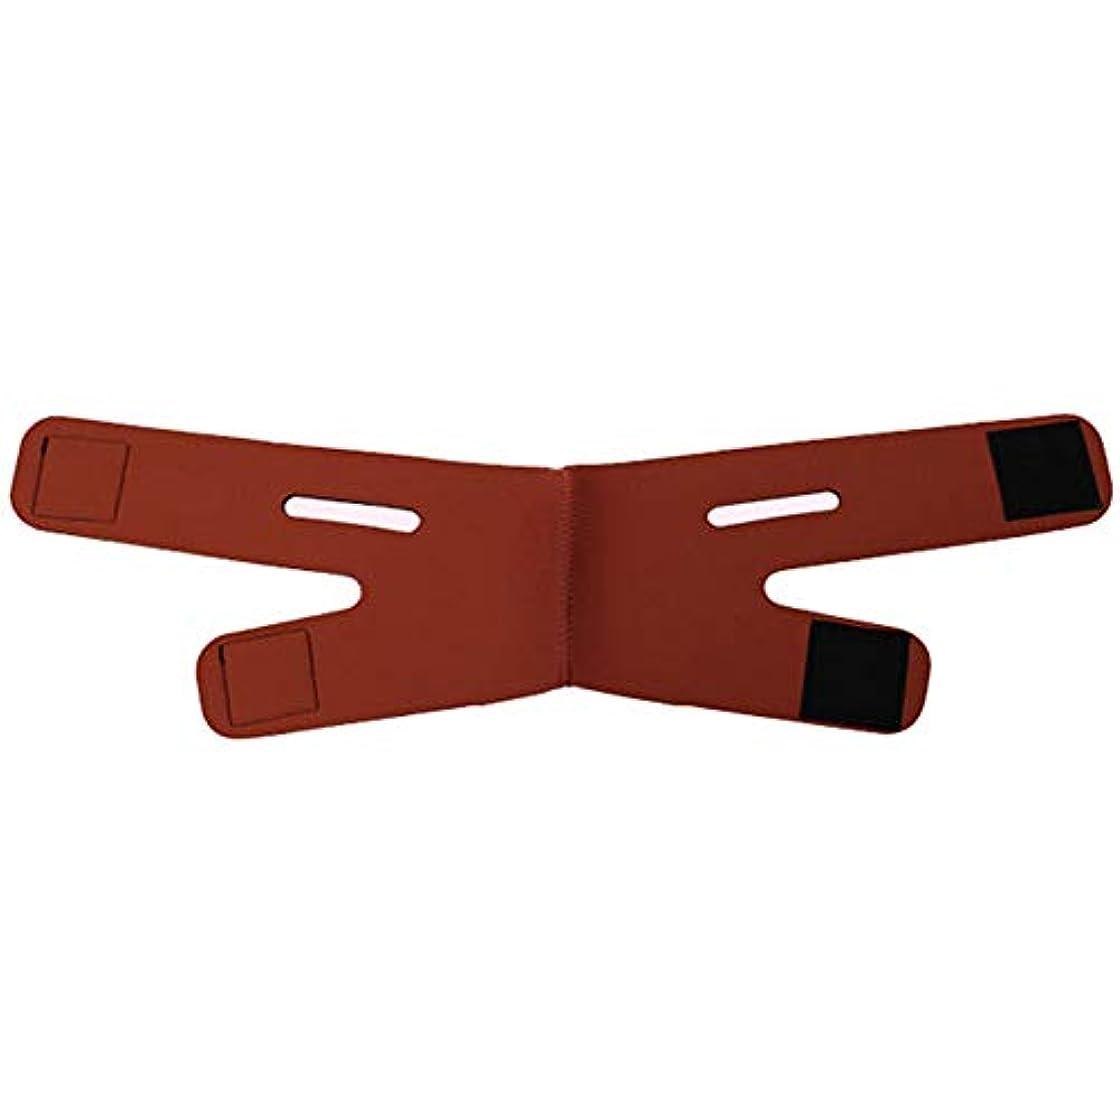 レビュー酸度コストXINGZHE フェイシャルリフティング痩身ベルト圧縮二重あご減量ベルトスキンケア薄い顔包帯二重あごワークアウト フェイスリフティングベルト (色 : 赤)